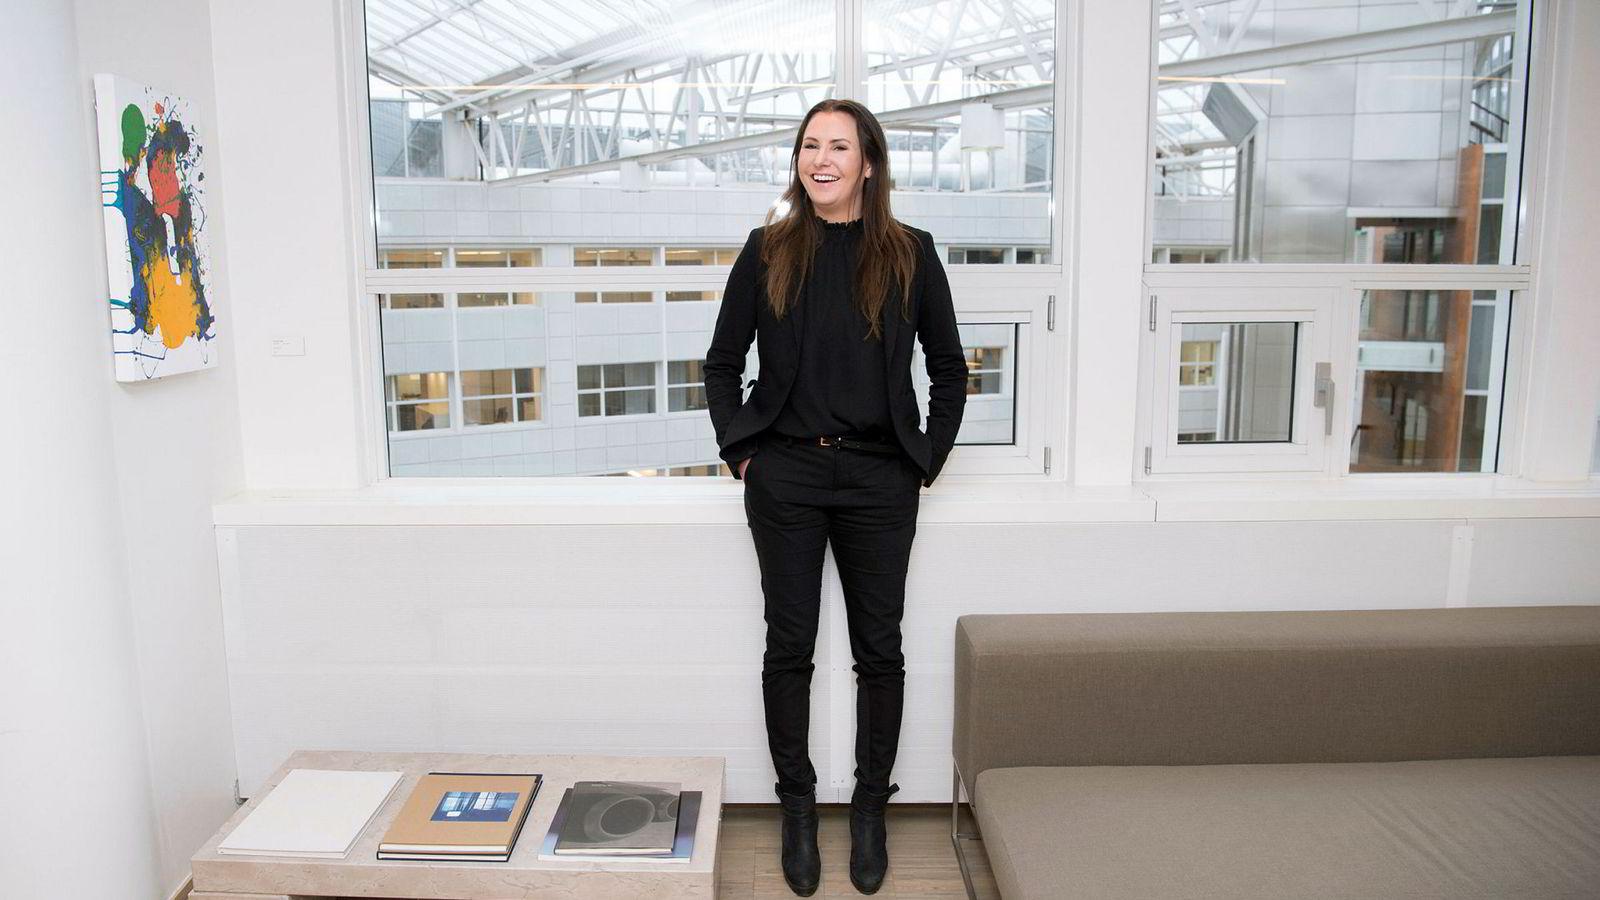 She-grunnlegger Heidi Aven har tredoblet antallet bedrifter som vil delta i indeksen hennes som måler kjønnsbalanse.